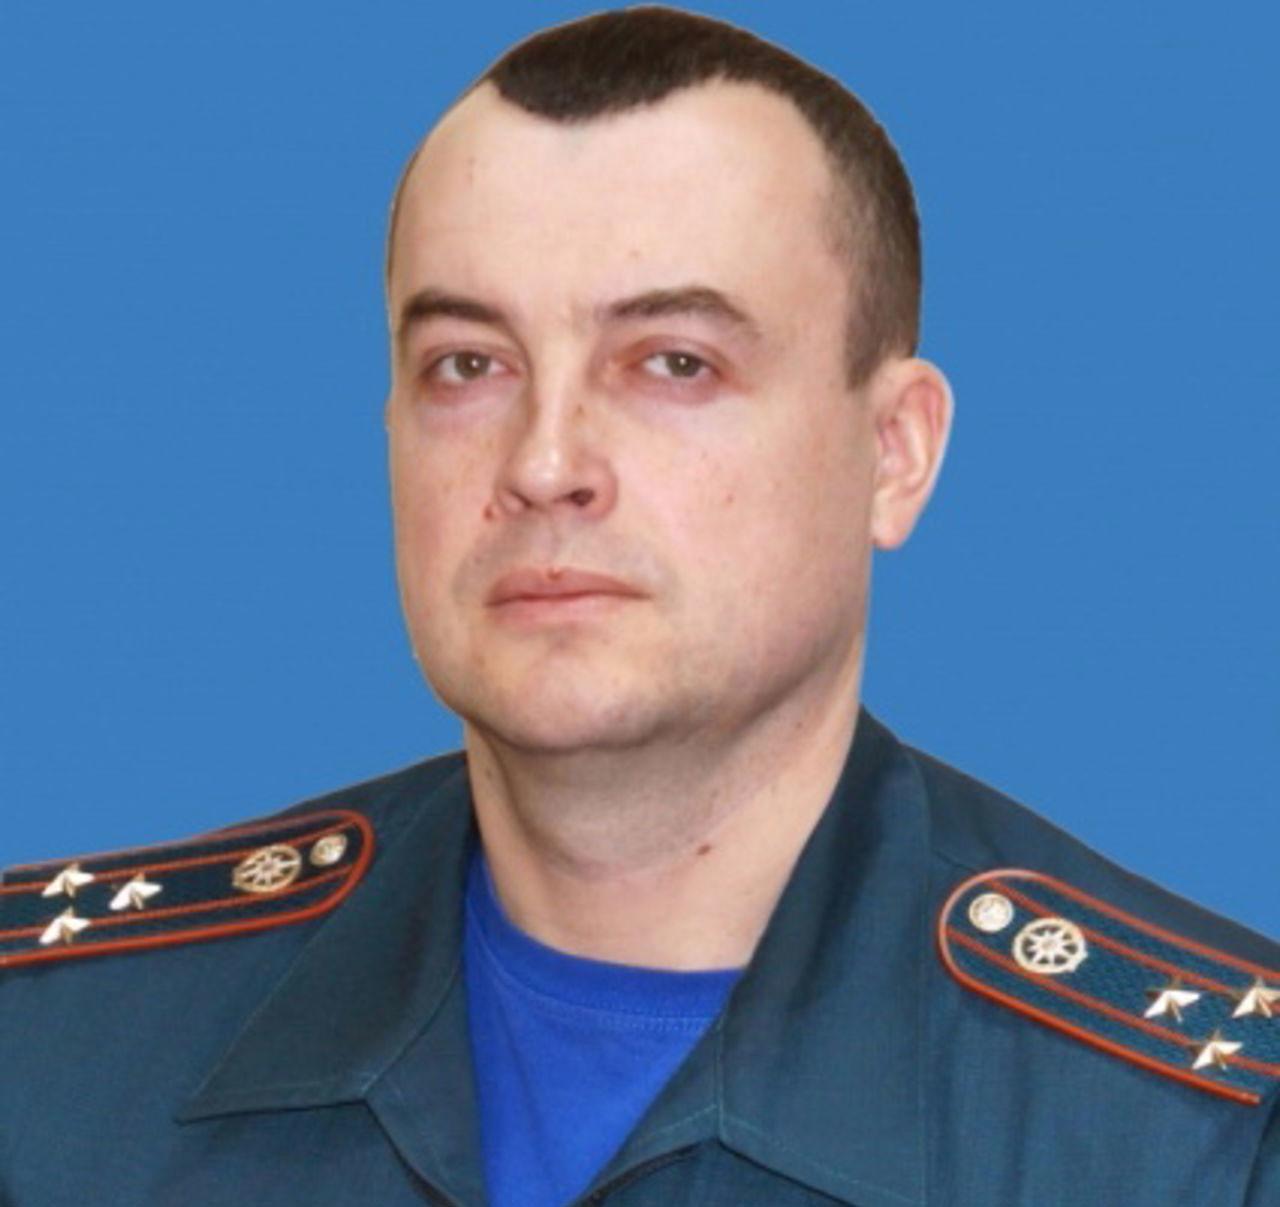 Павел Кононов. Фото: © Главное управление МЧС России по Кемеровской области